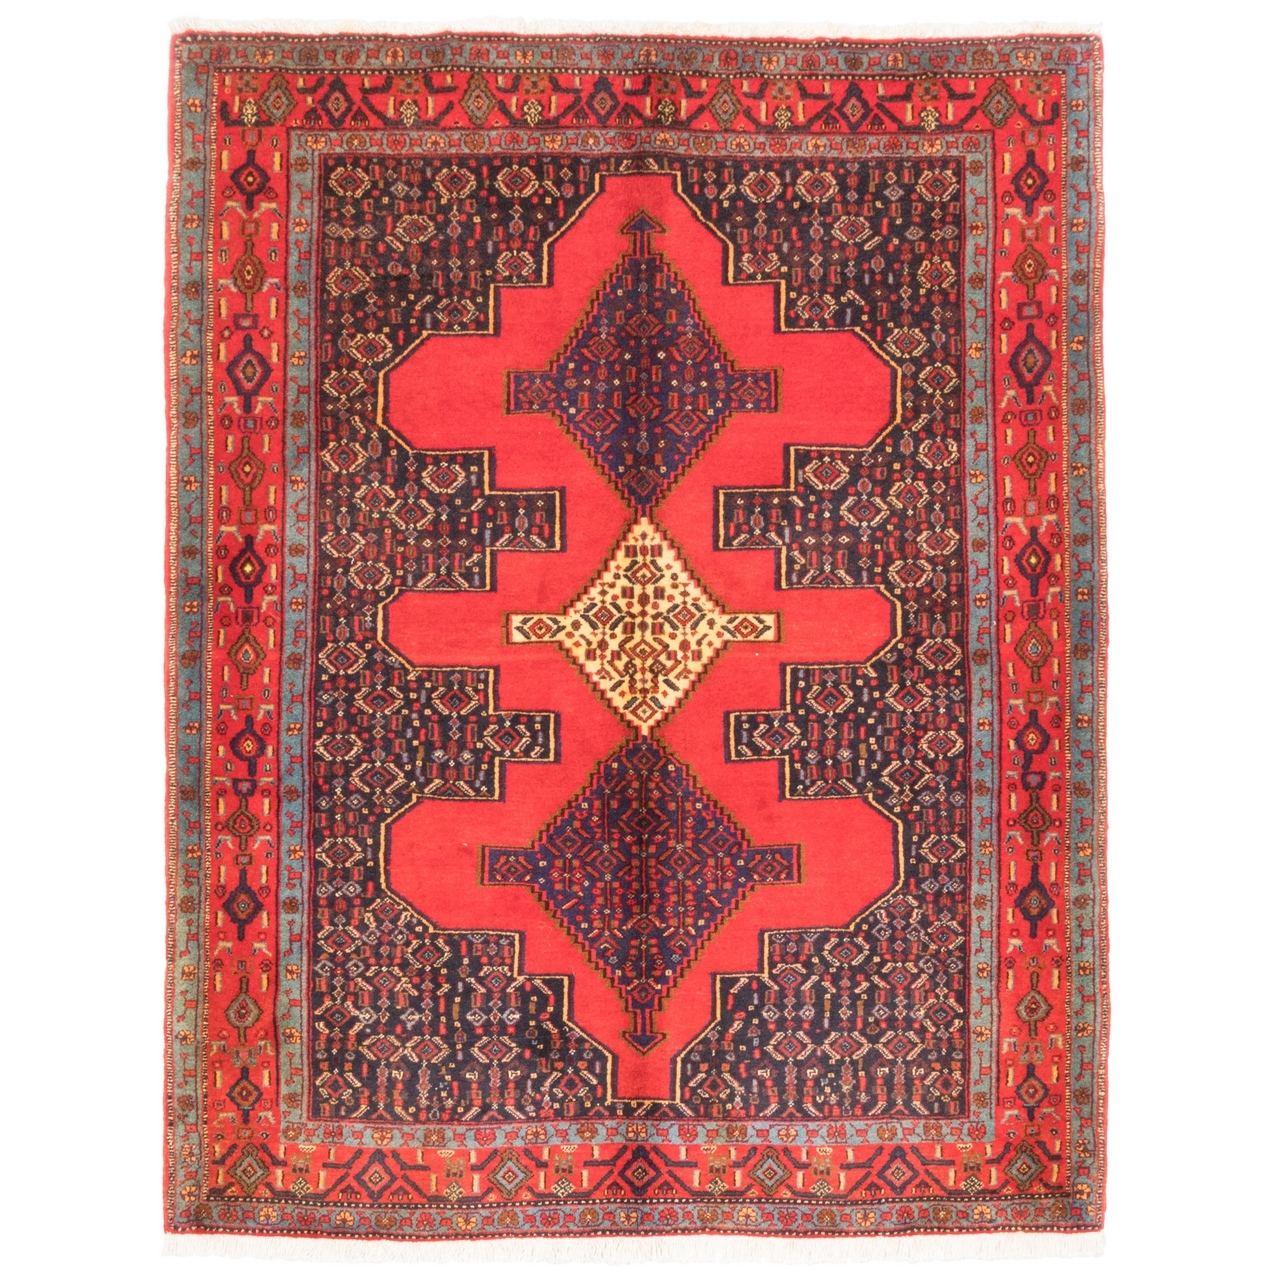 فرش دستباف قدیمی دو متری سی پرشیا کد 175068